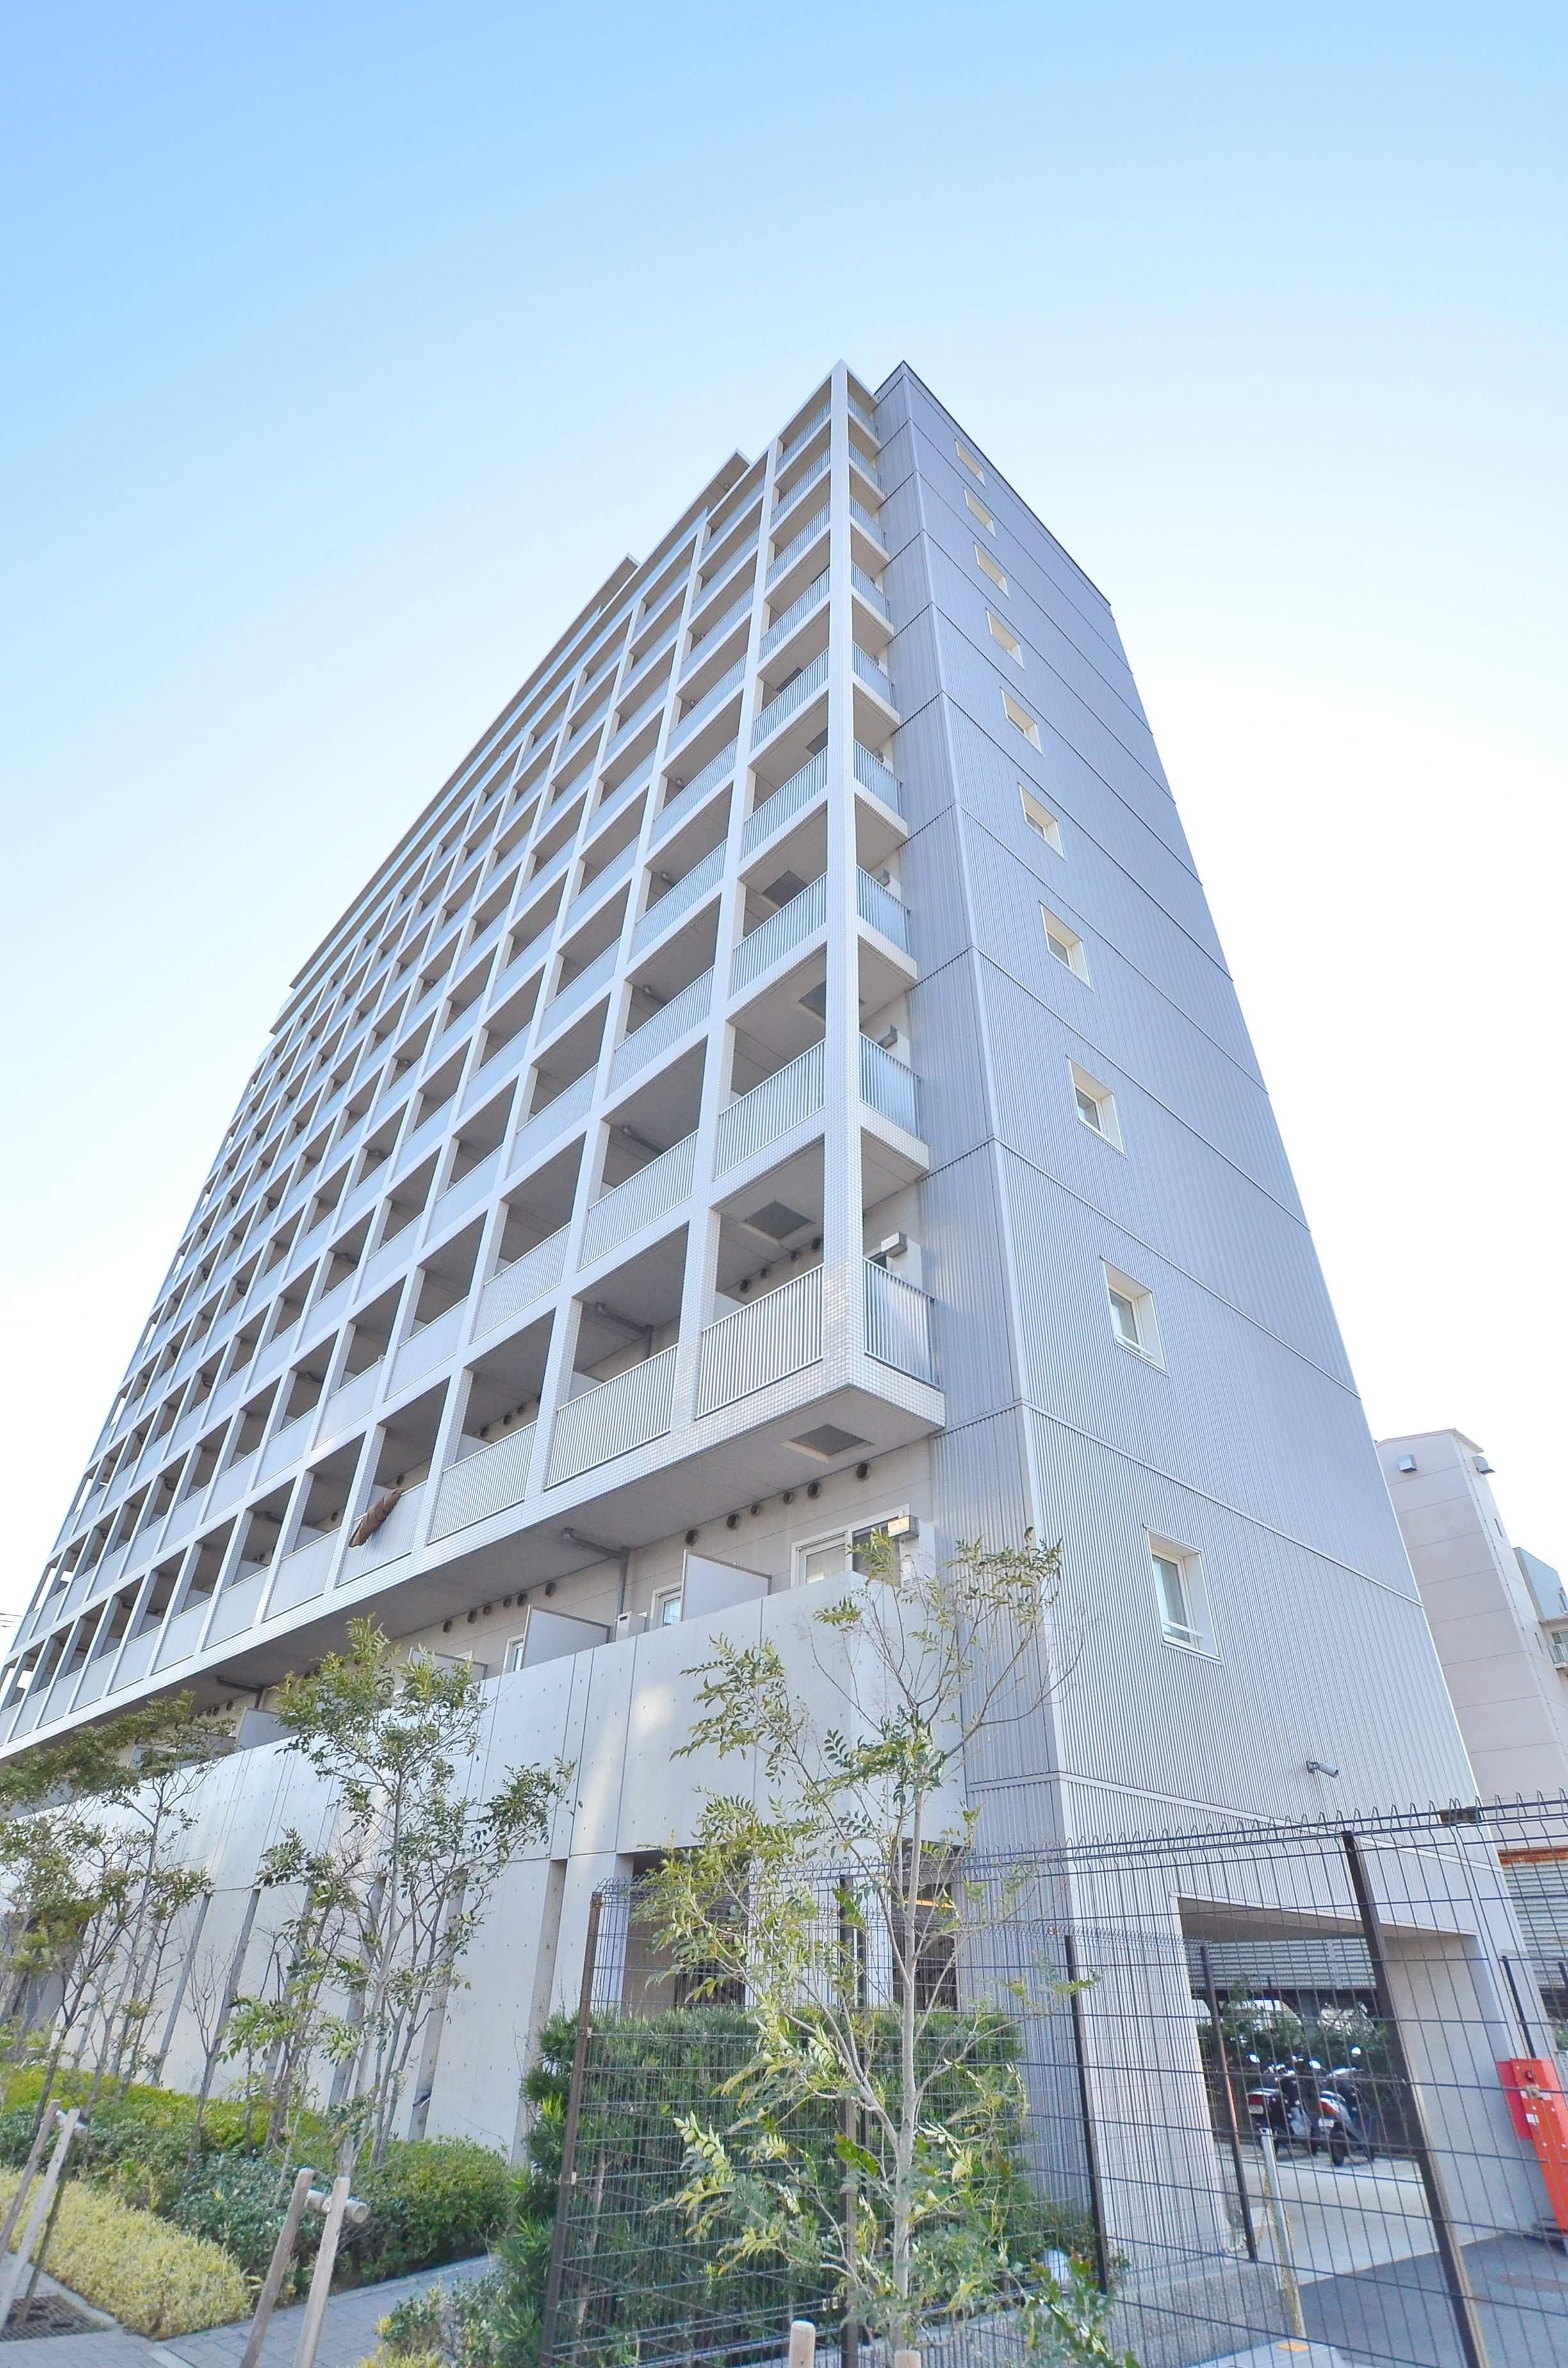 東京都江東区、潮見駅徒歩22分の築10年 13階建の賃貸マンション